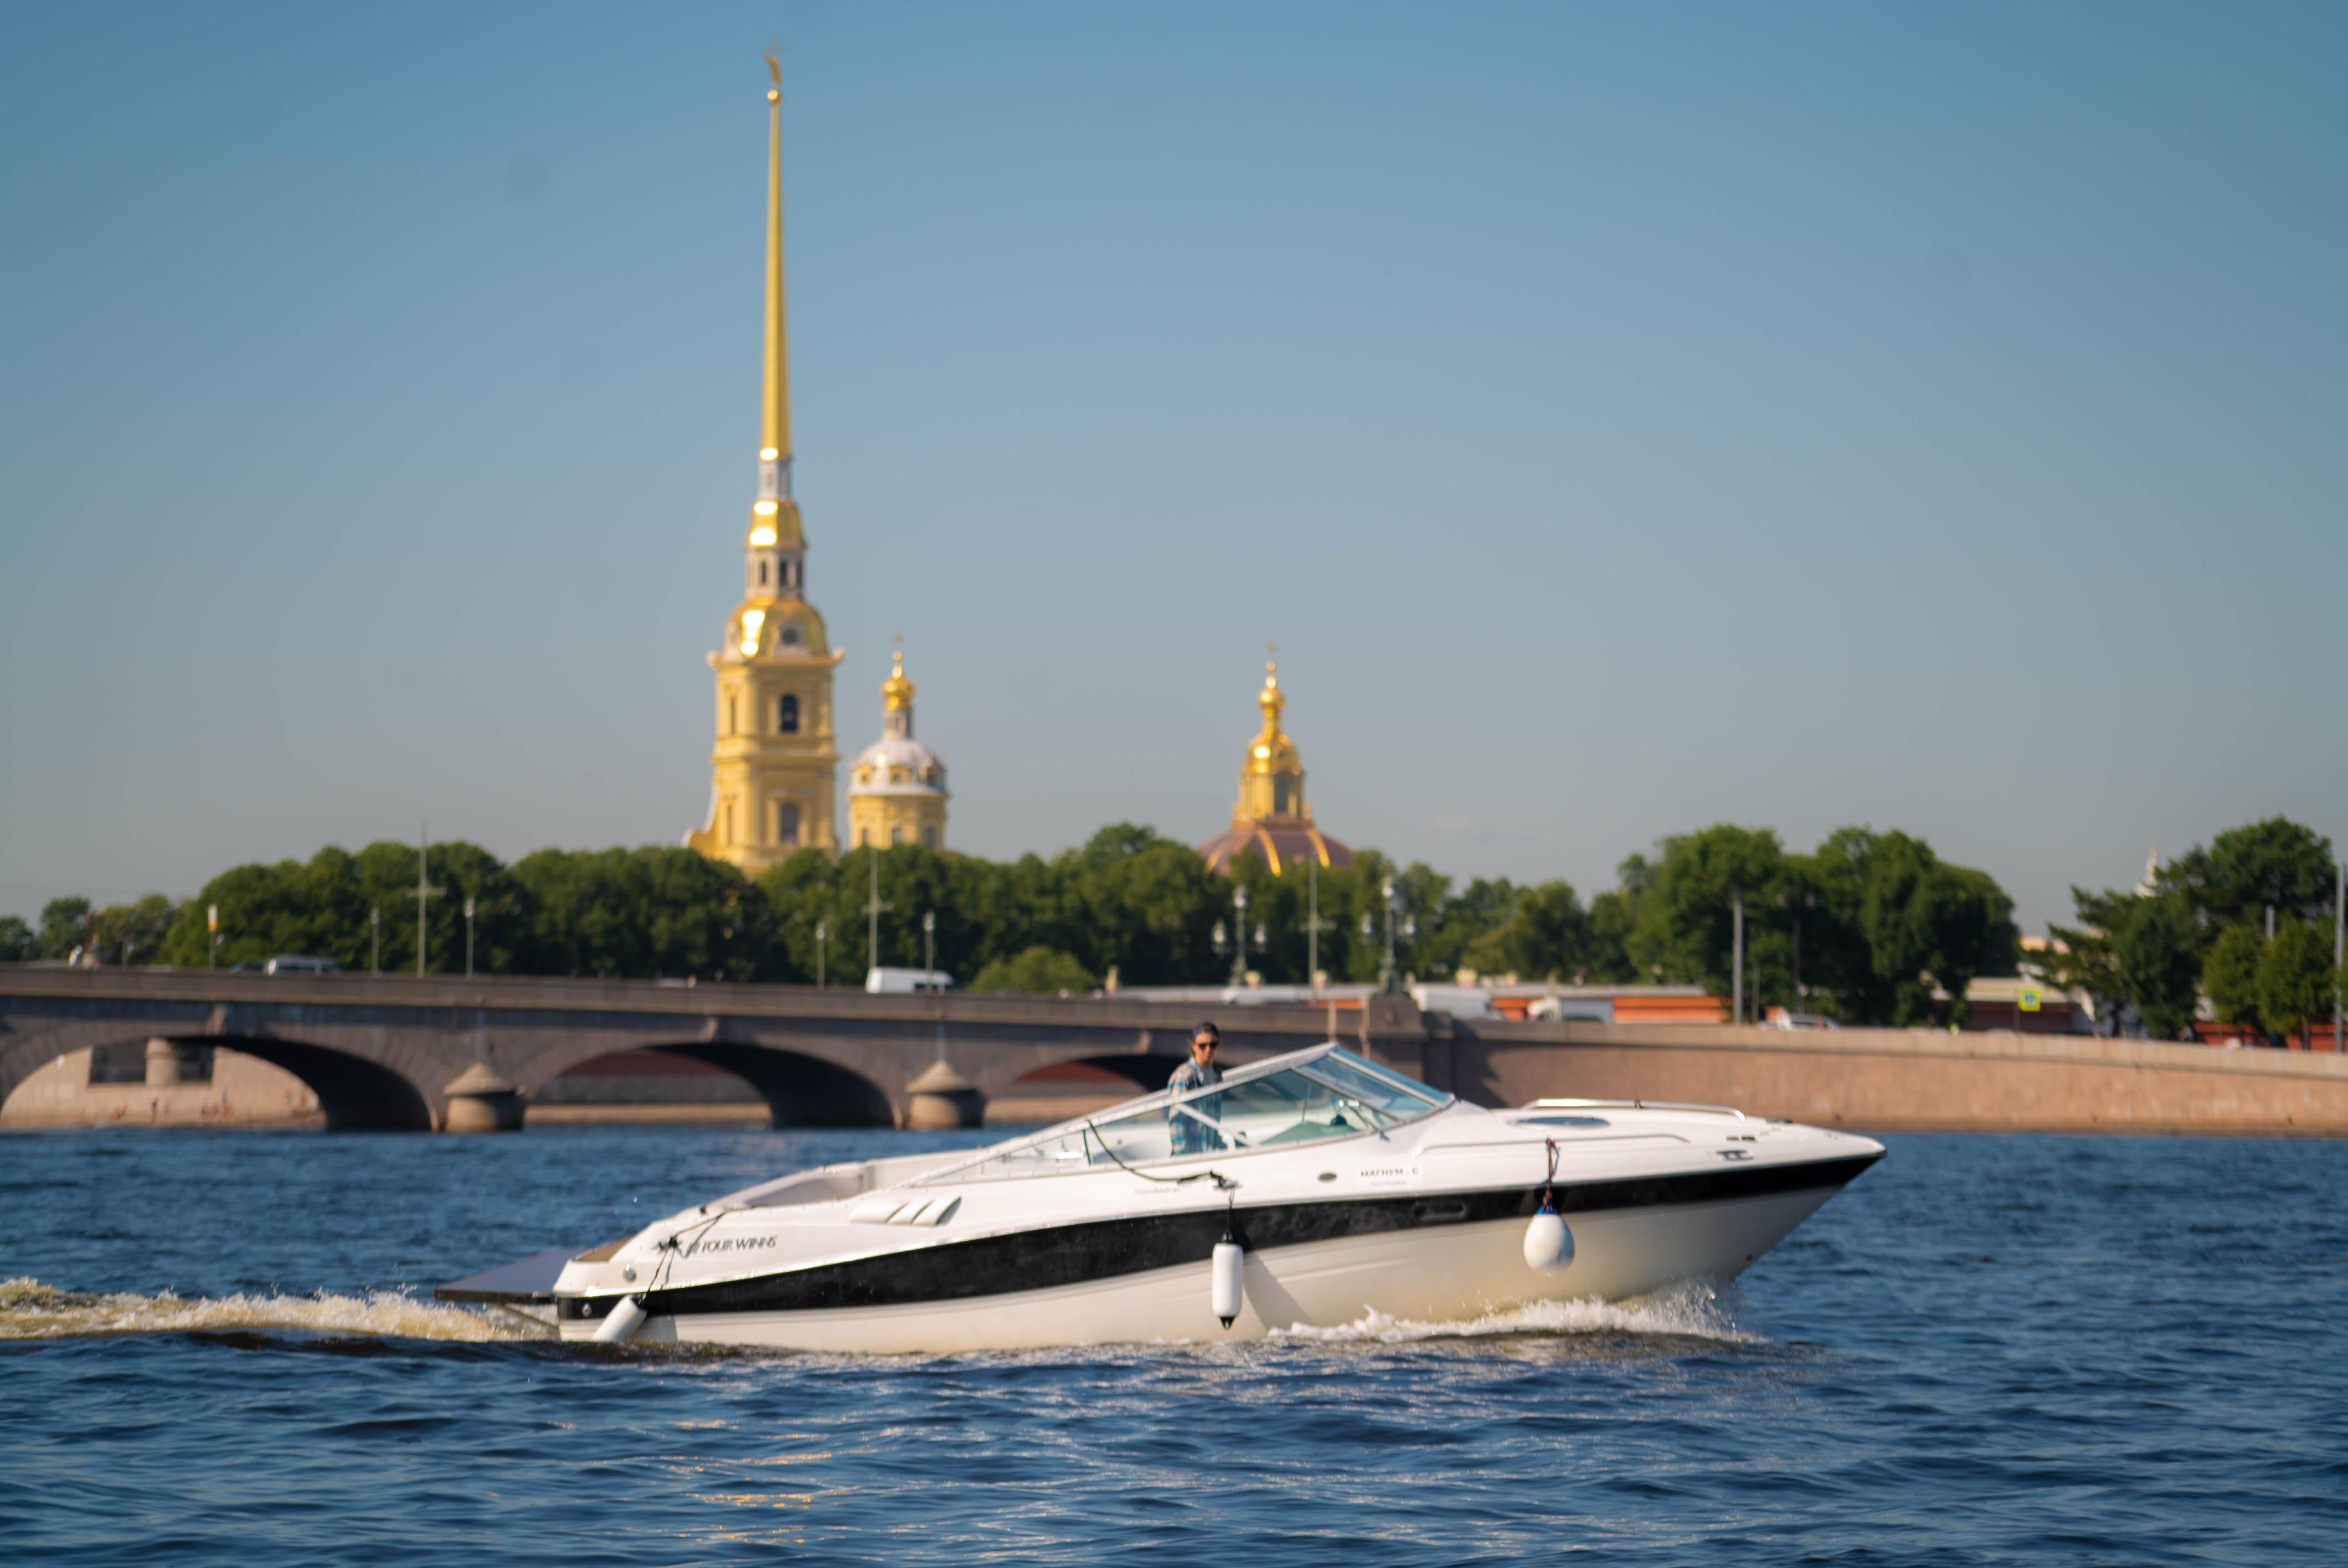 Отправляйся в путешествие в Санкт-Петербург